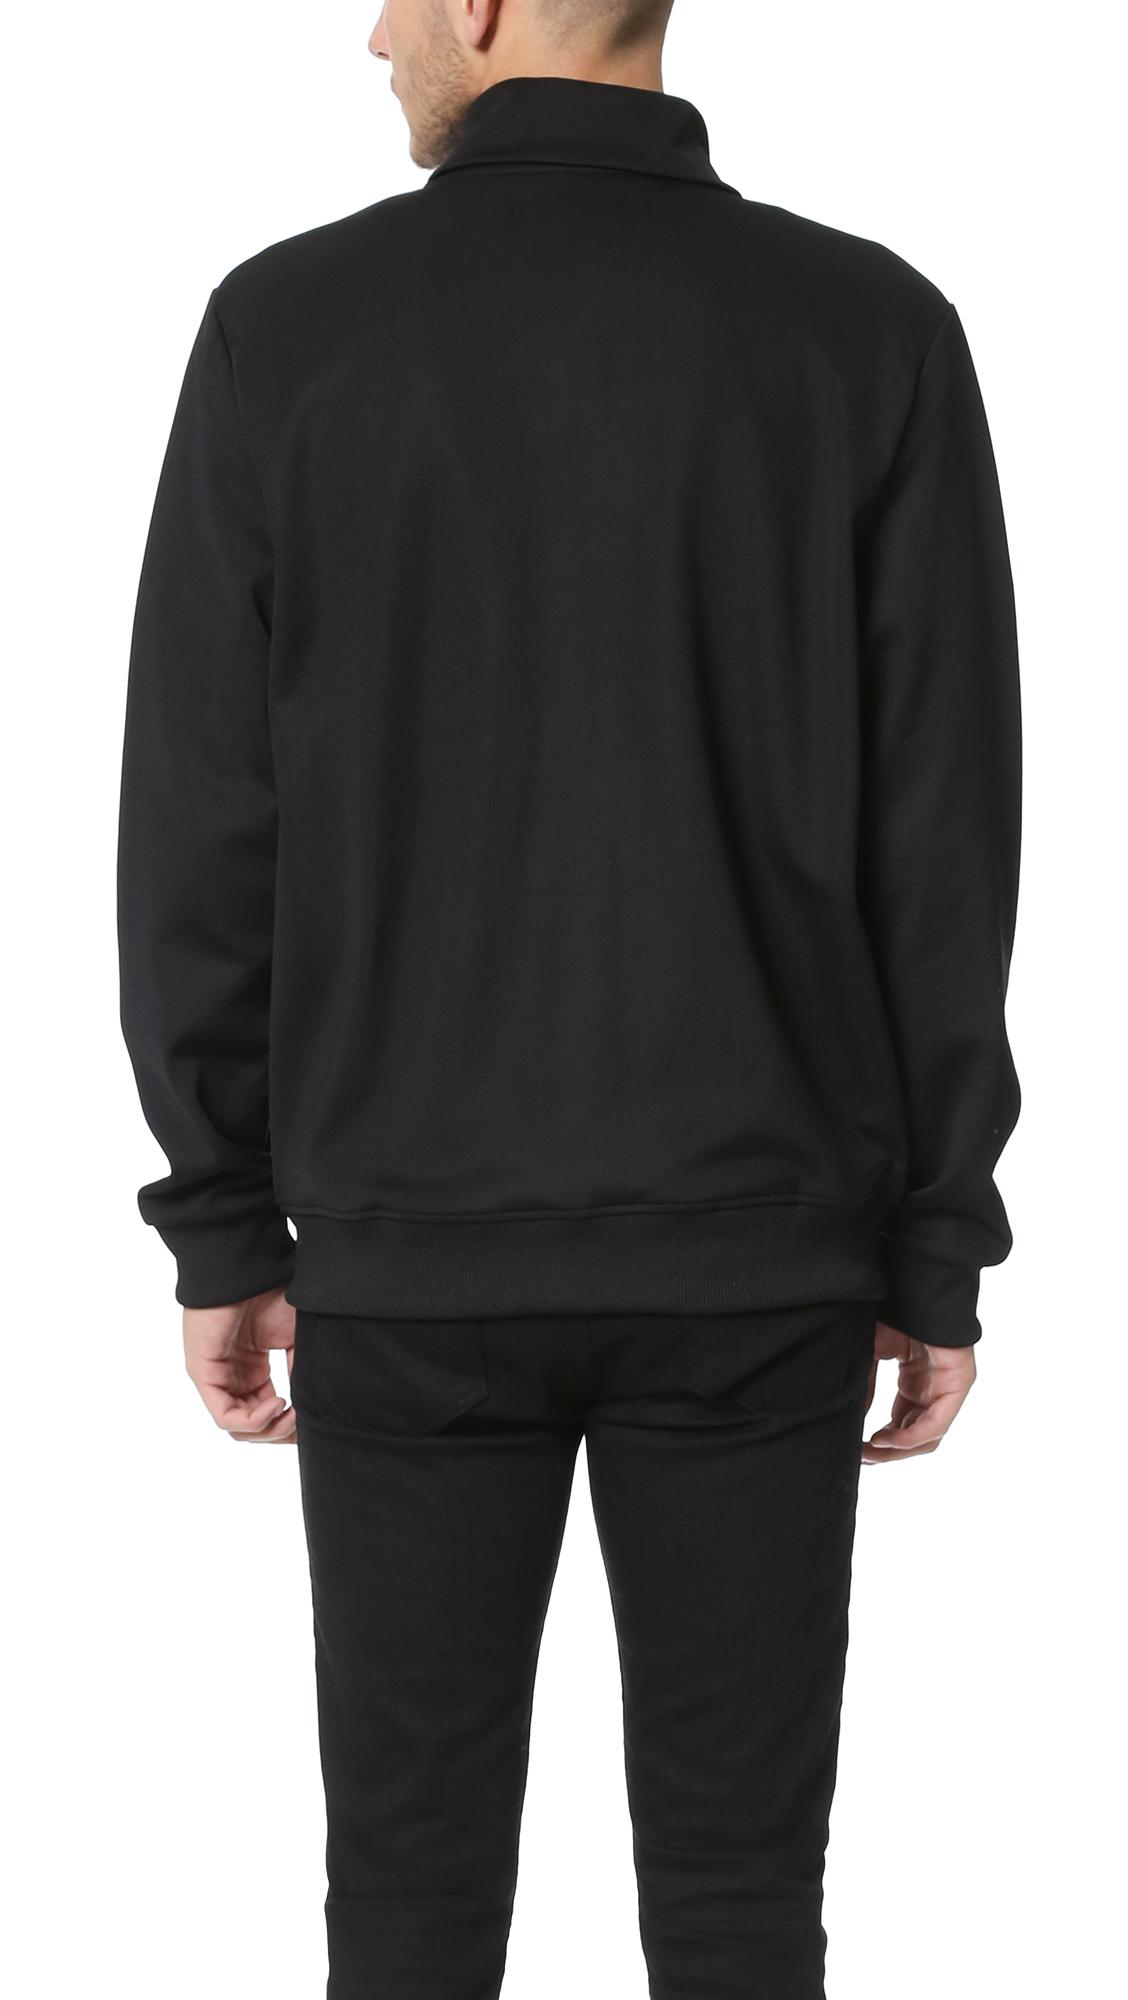 Stussy Track Jacket in Black for Men